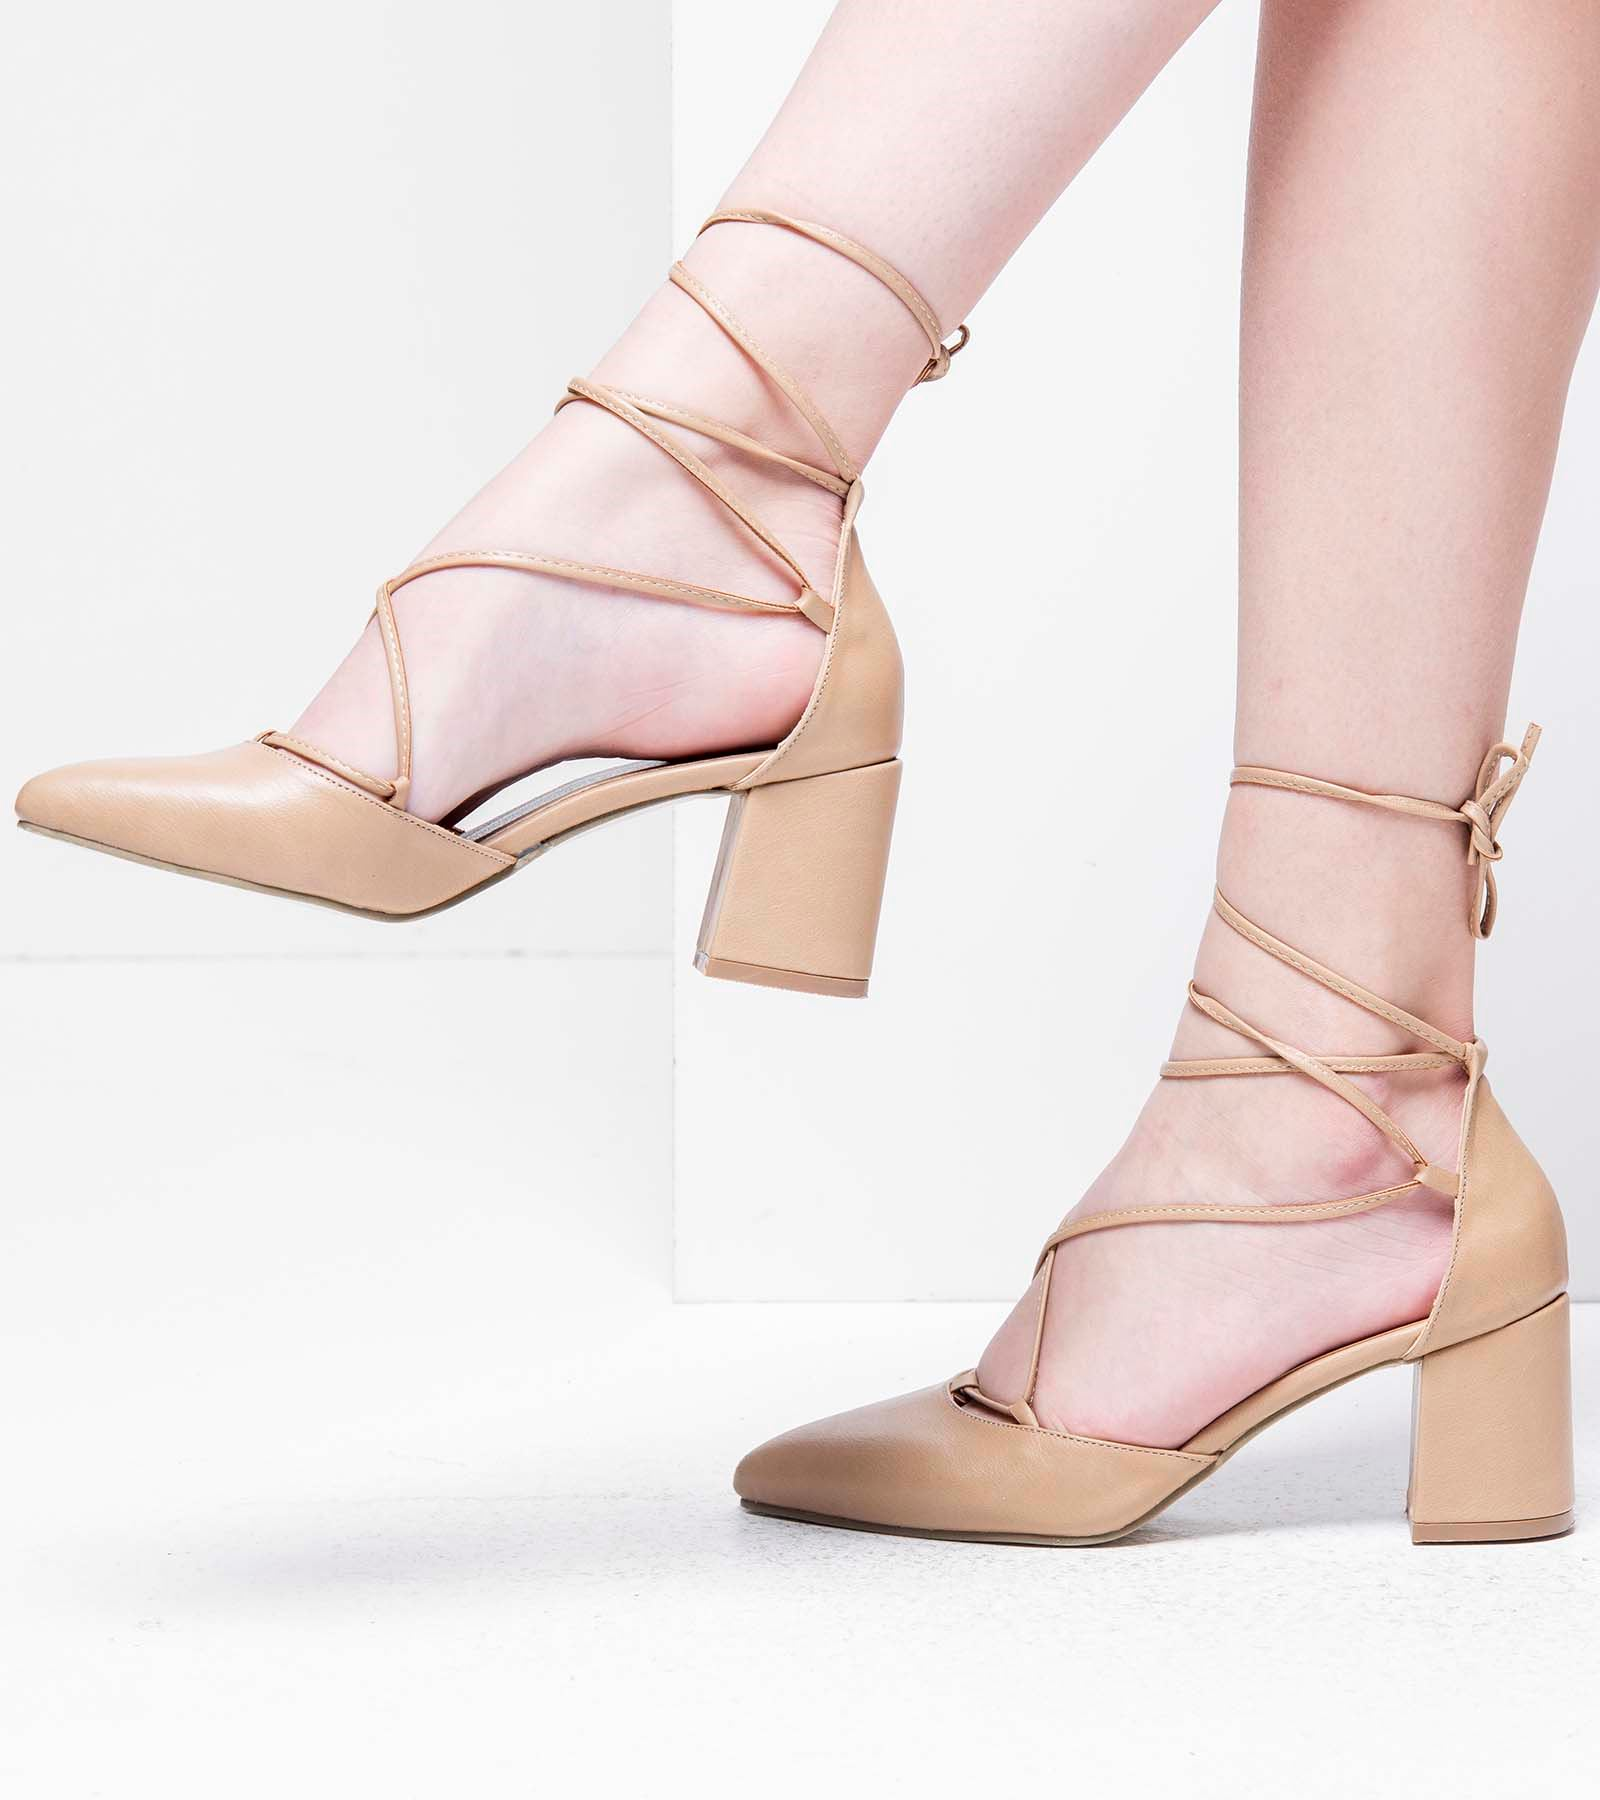 Loren Topuklu Bağcıklı Cilt Ayakkabı Nude